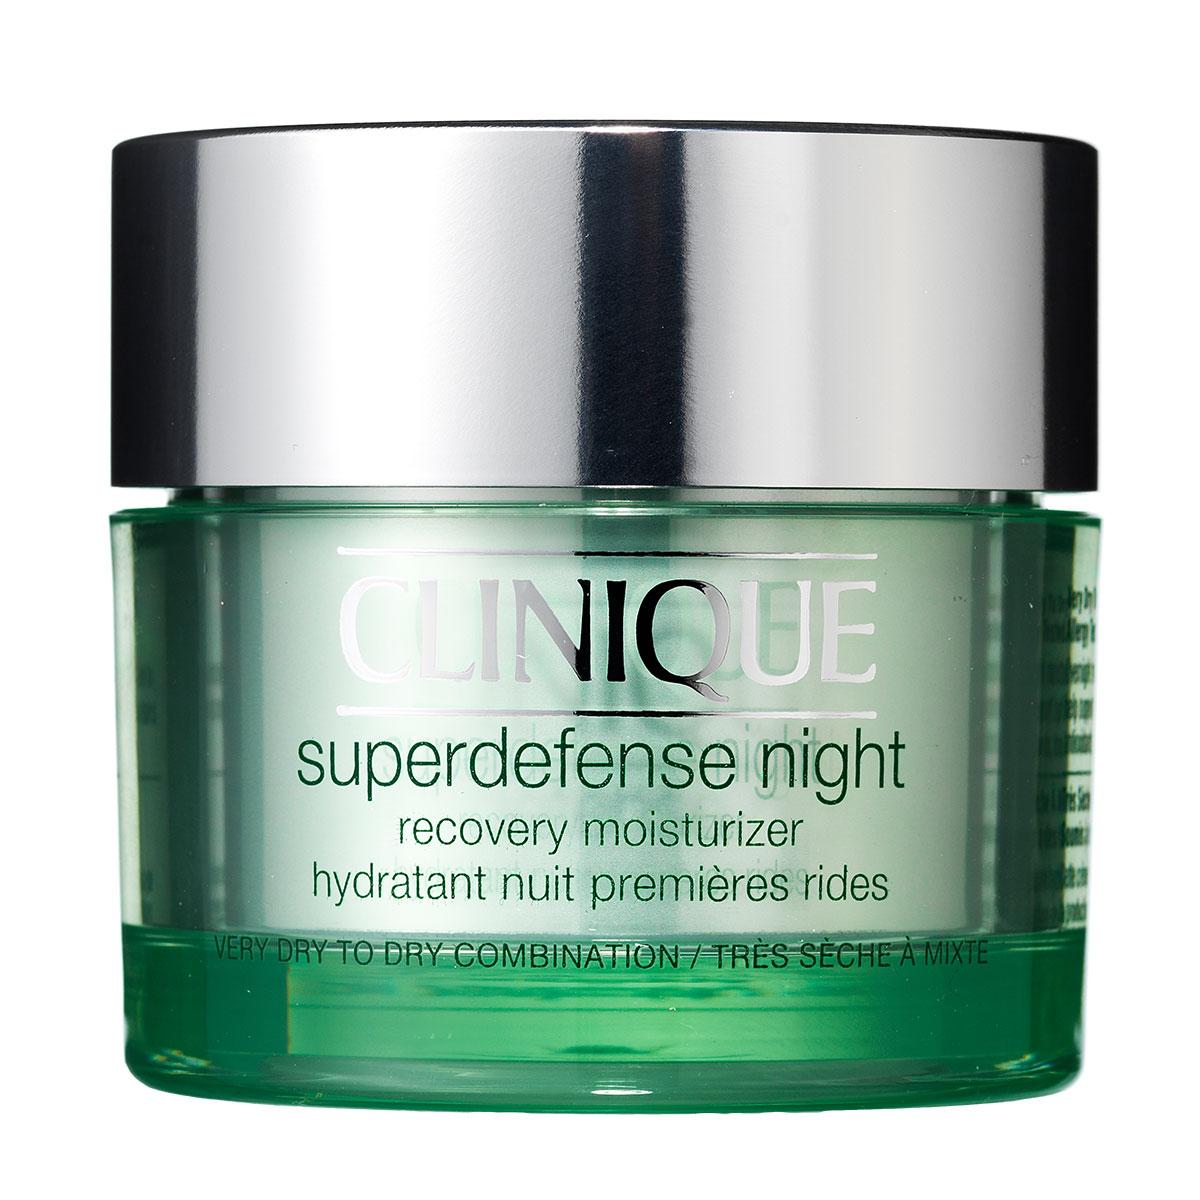 Billede af Clinique Superdefense Night 1/2 - 50 ml